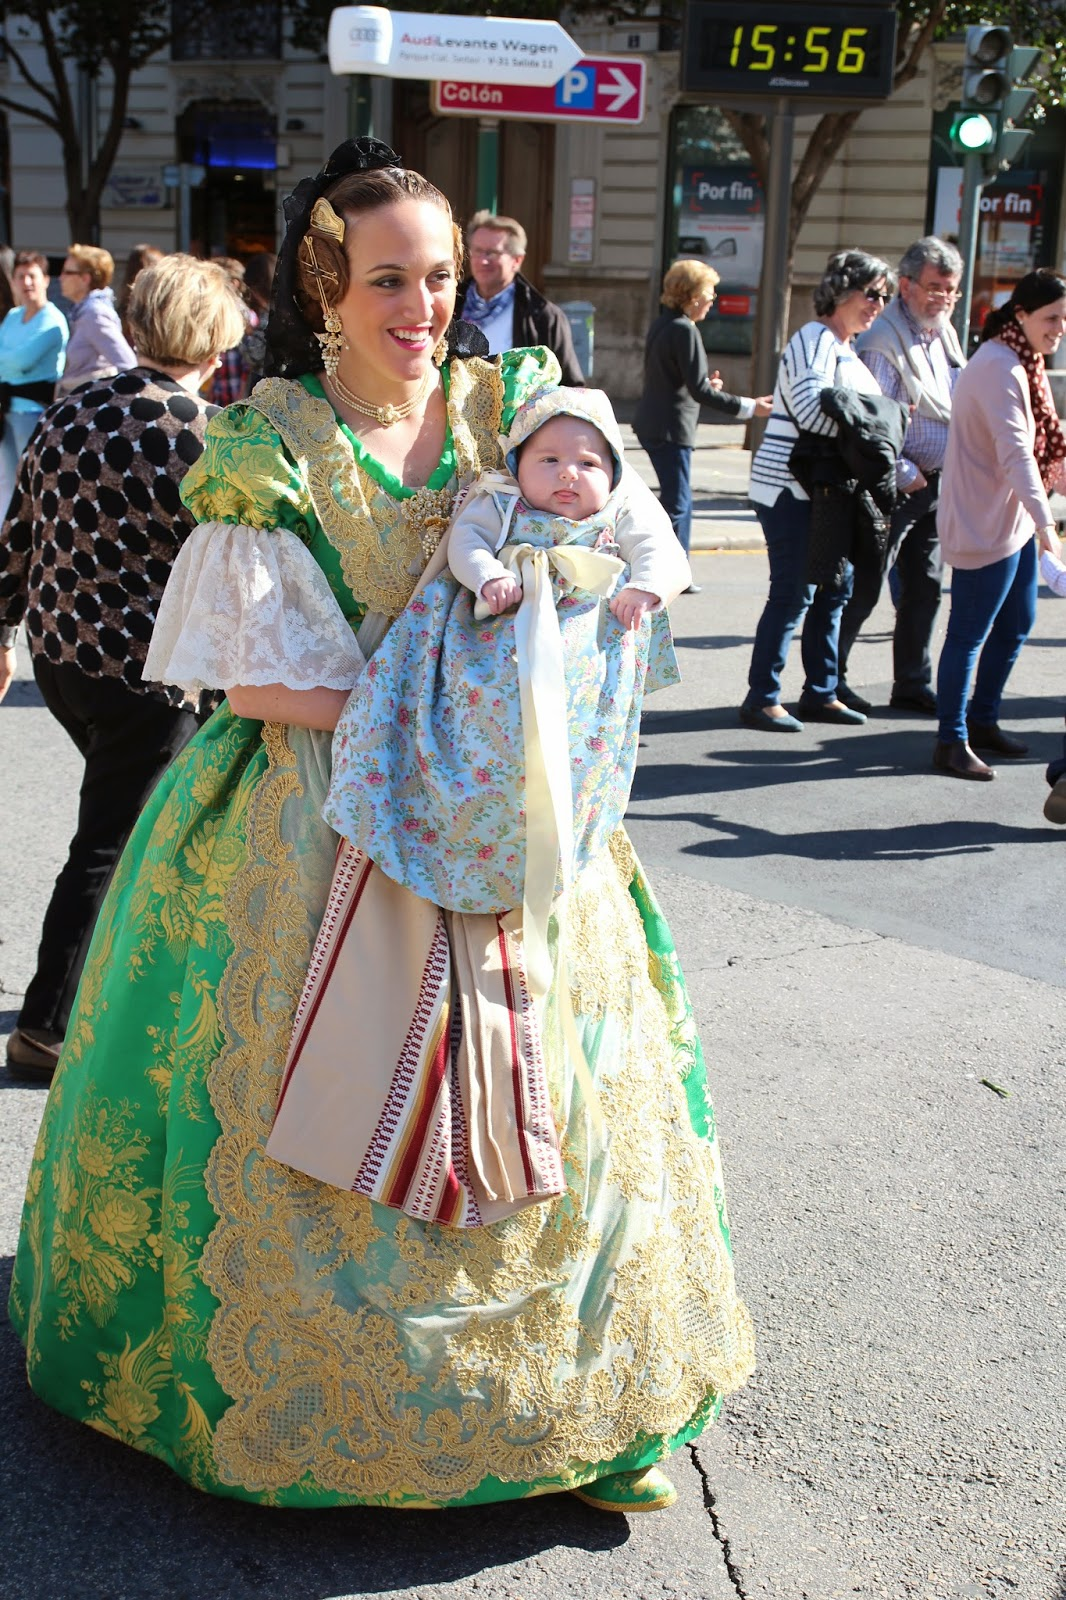 Viviendo en España: Stierkampf, Las Fallas, Freundin, Prüfungen